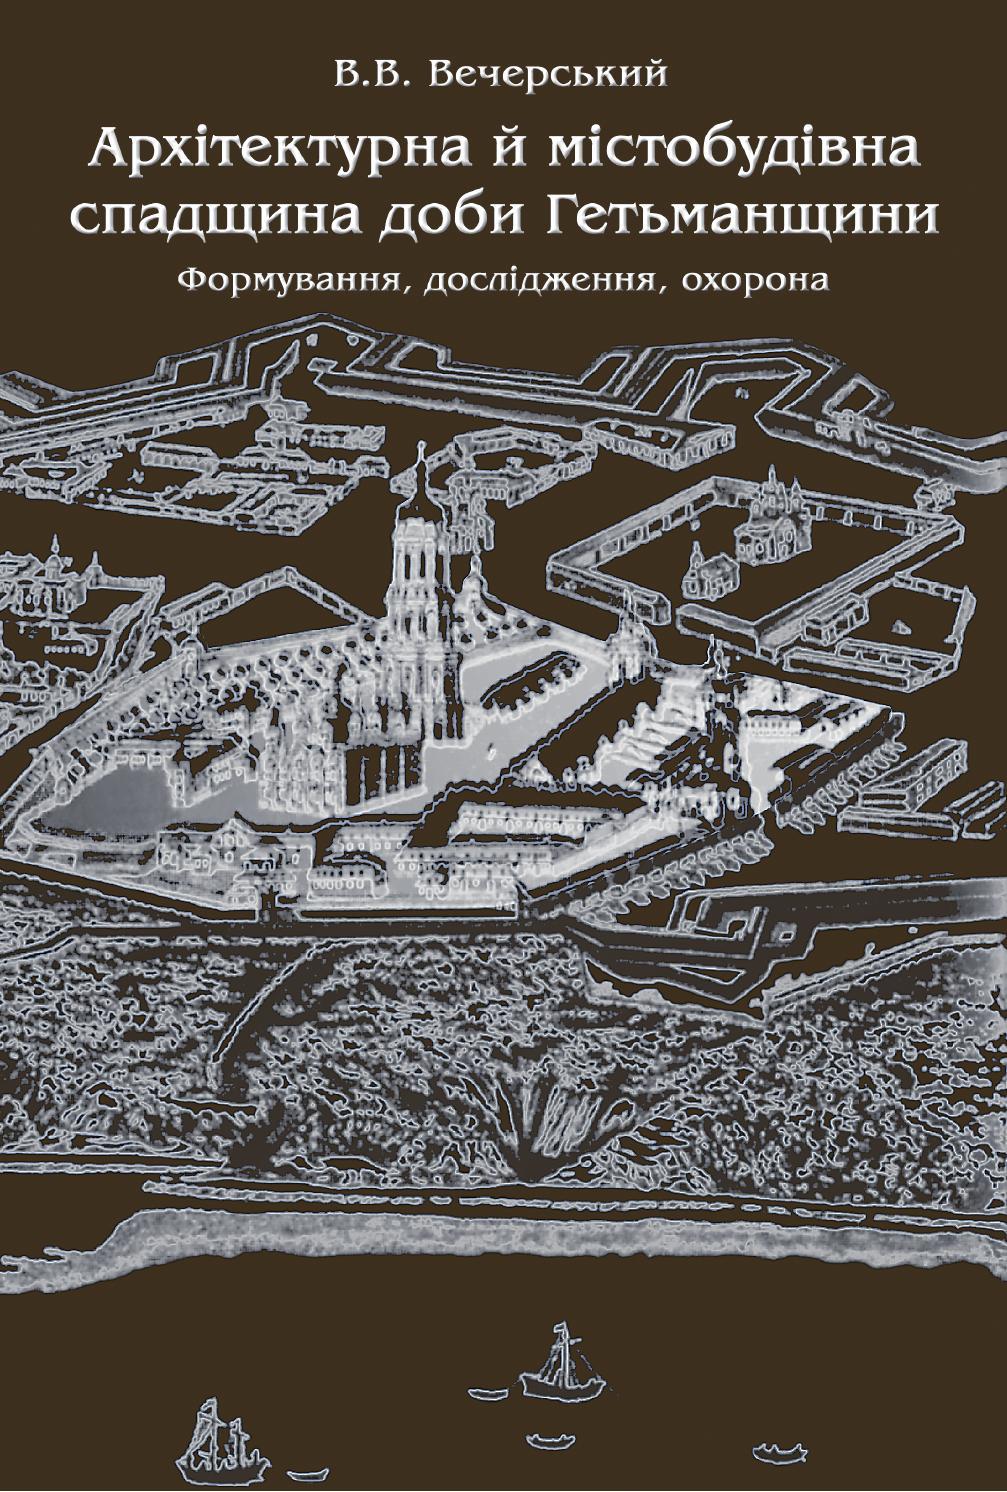 схема падіння західної римської імперії в малюнках